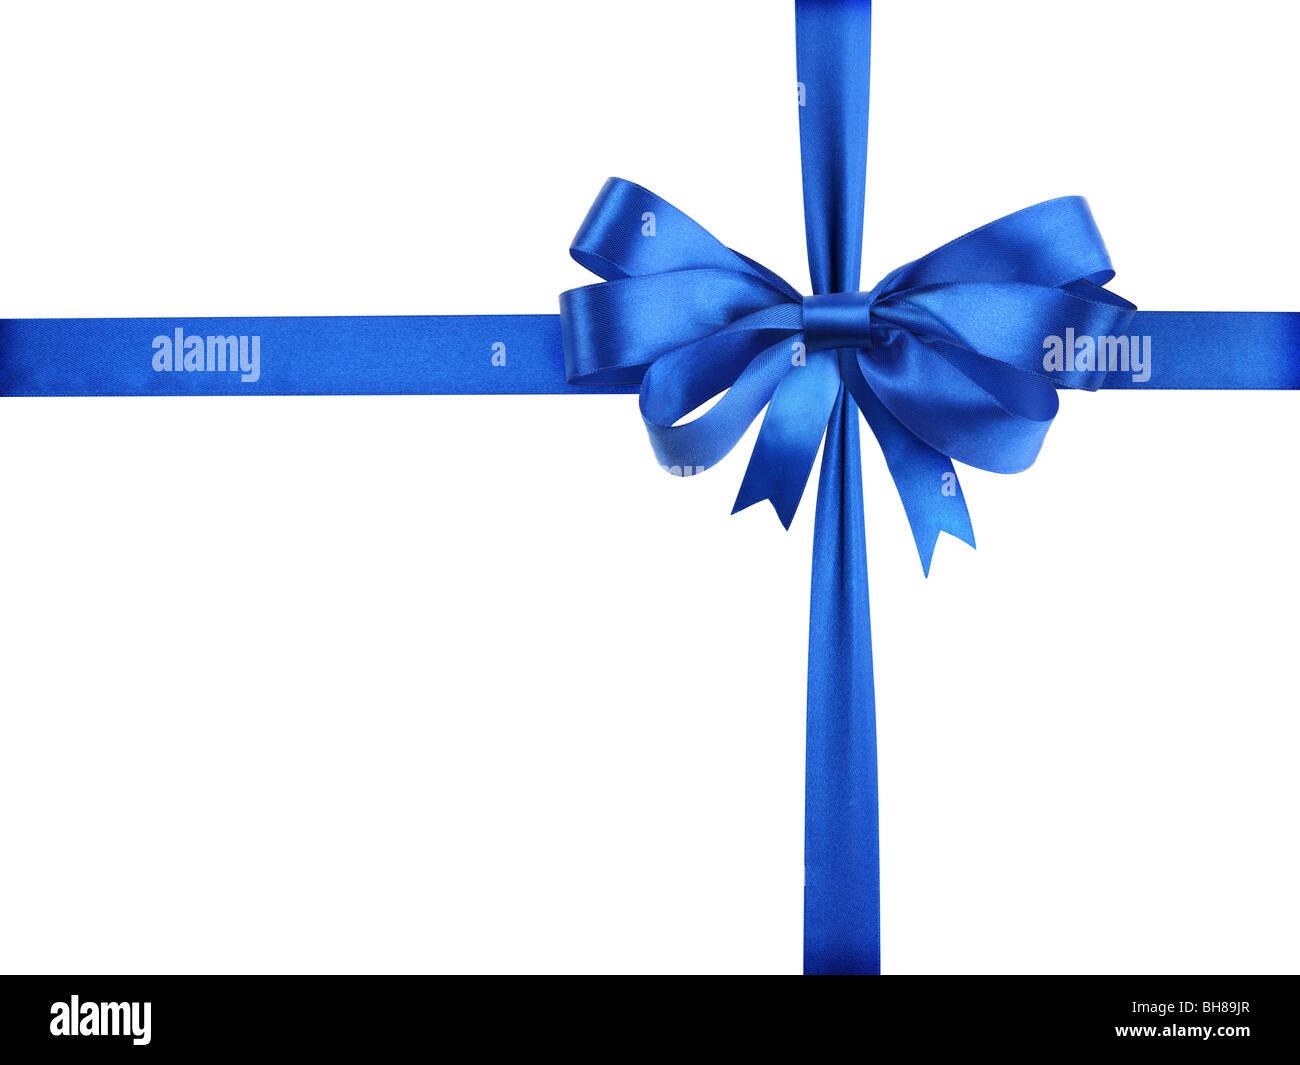 Cinta azul con un arco como un regalo en un fondo blanco. Imagen De Stock